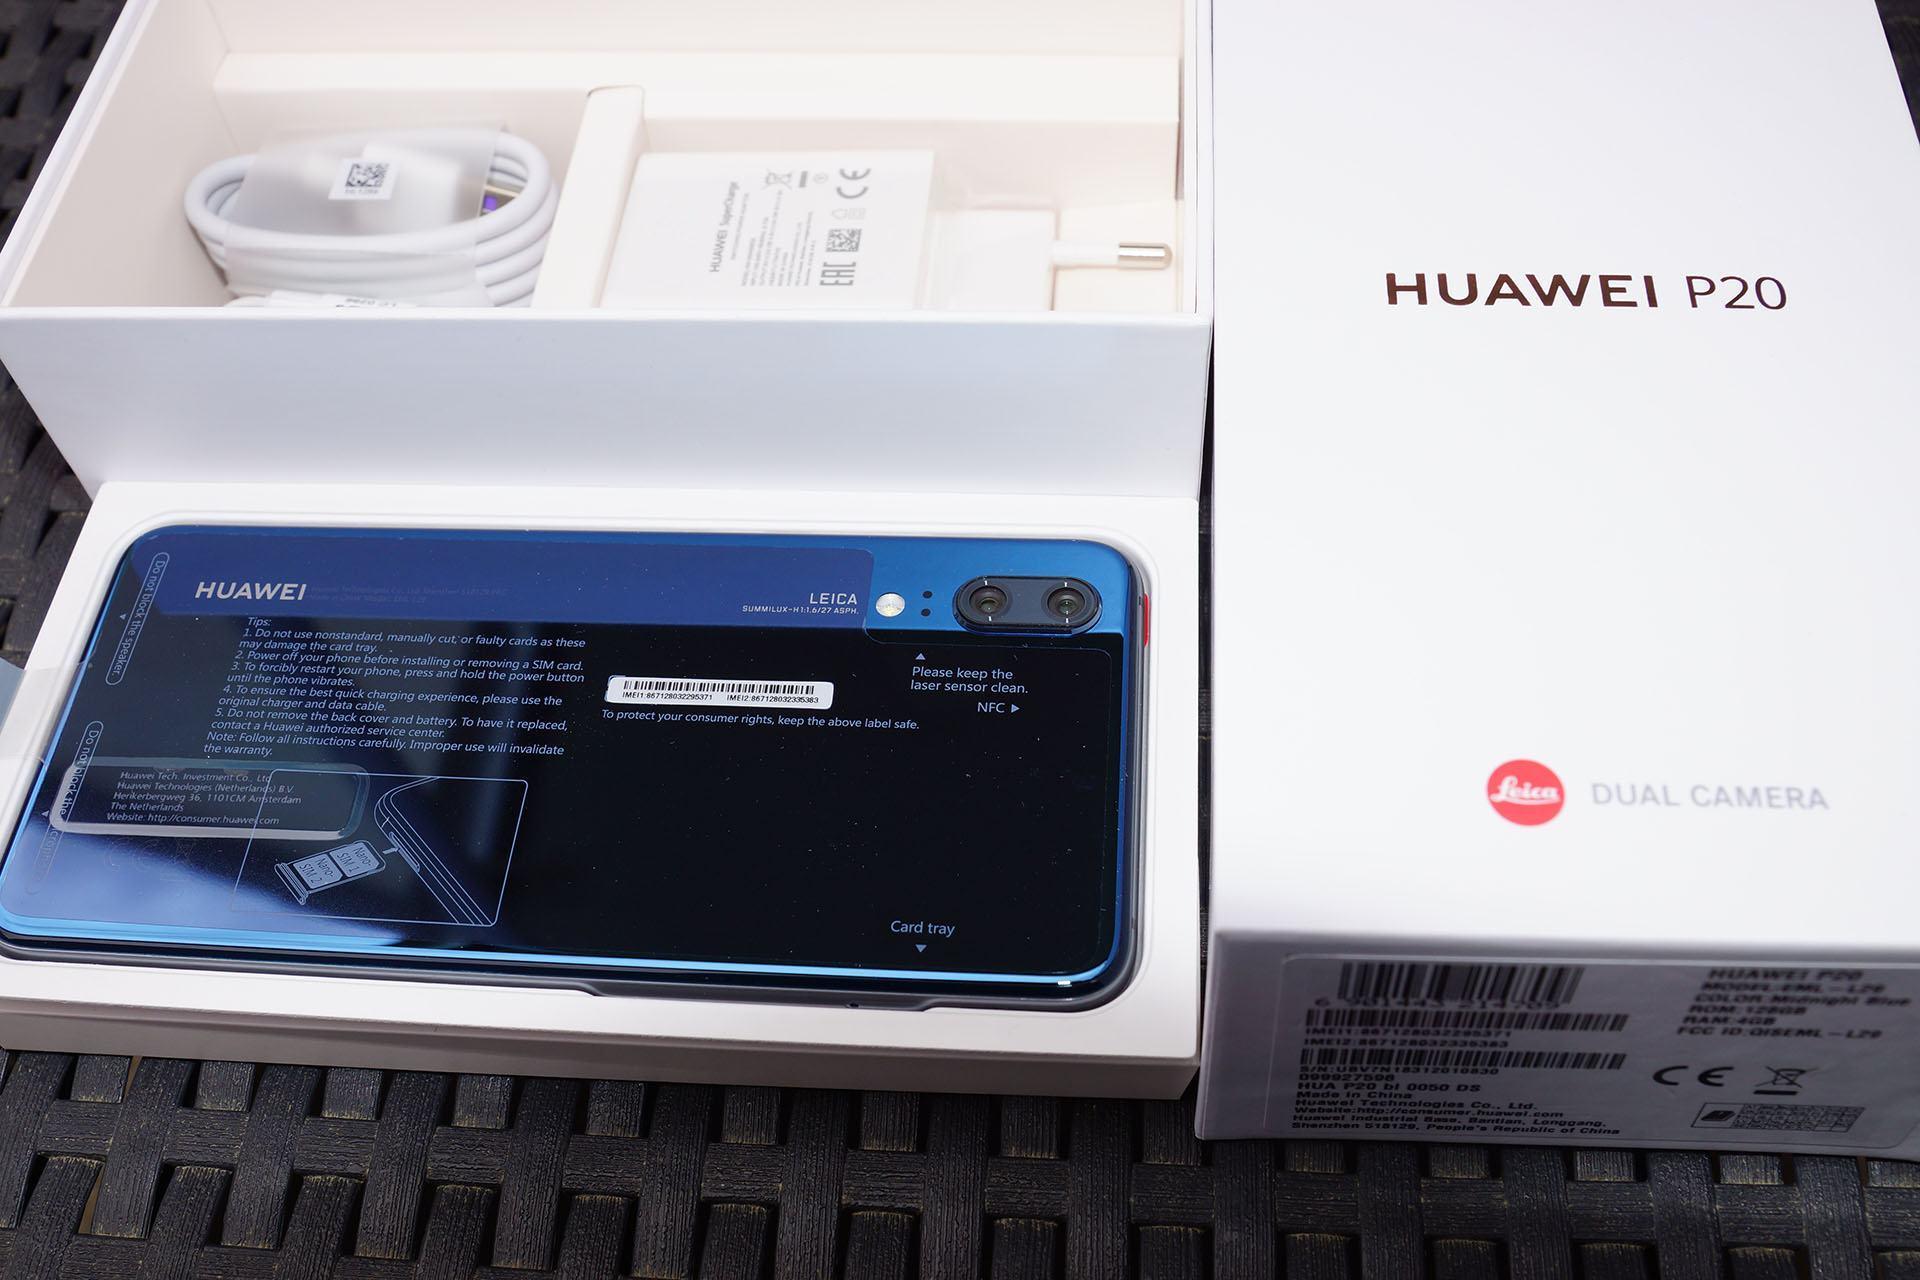 Huawei P20 zum Test eingetroffen, erste Bilder und Eindrücke 7